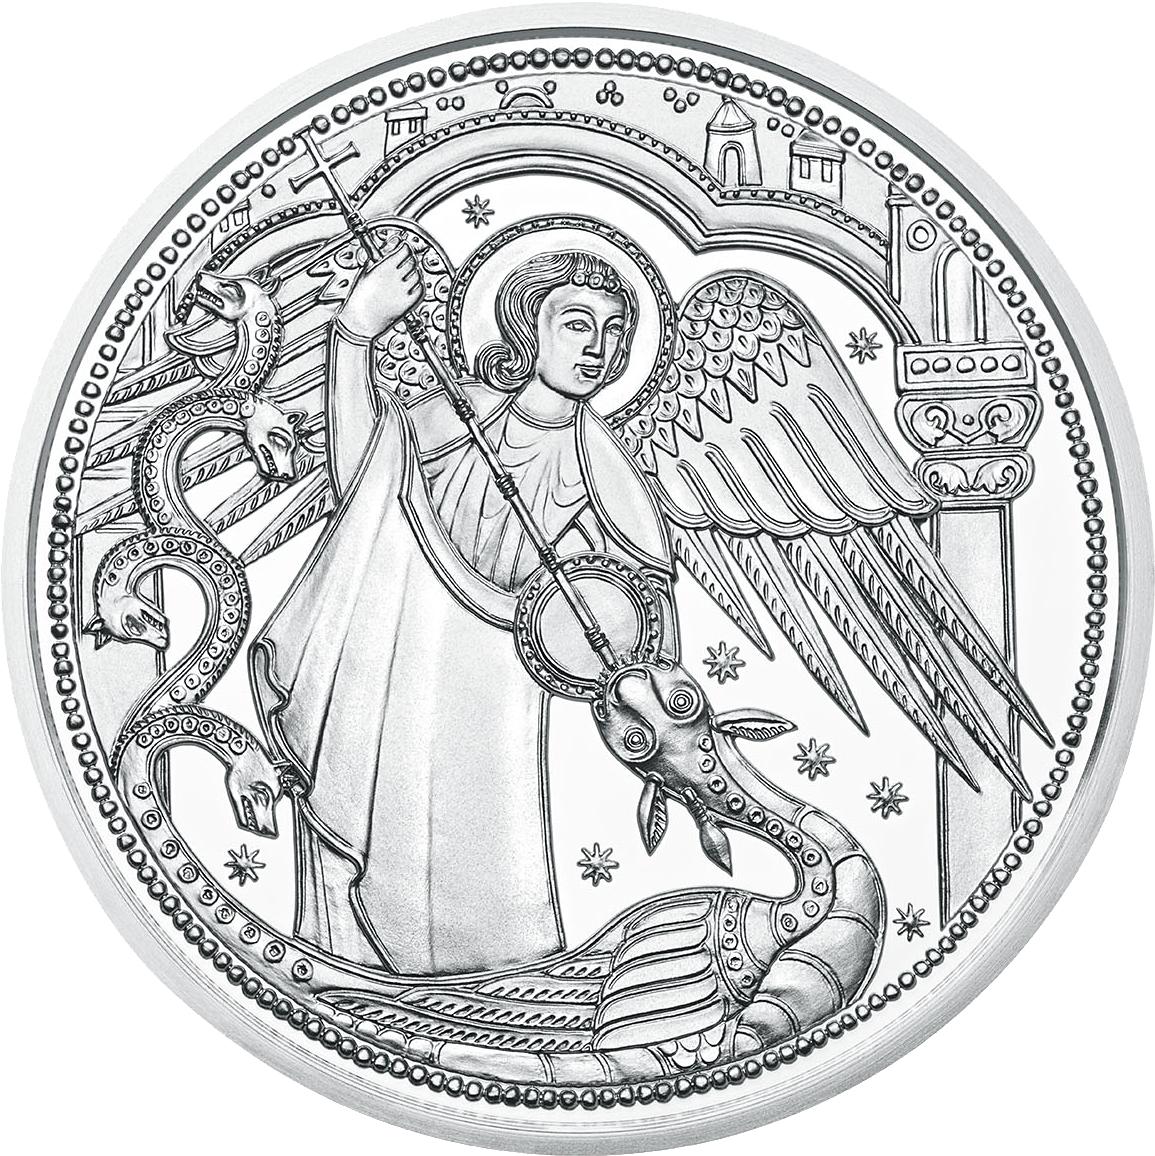 Neue Engel Münzenserie Mdm Deutsche Münze